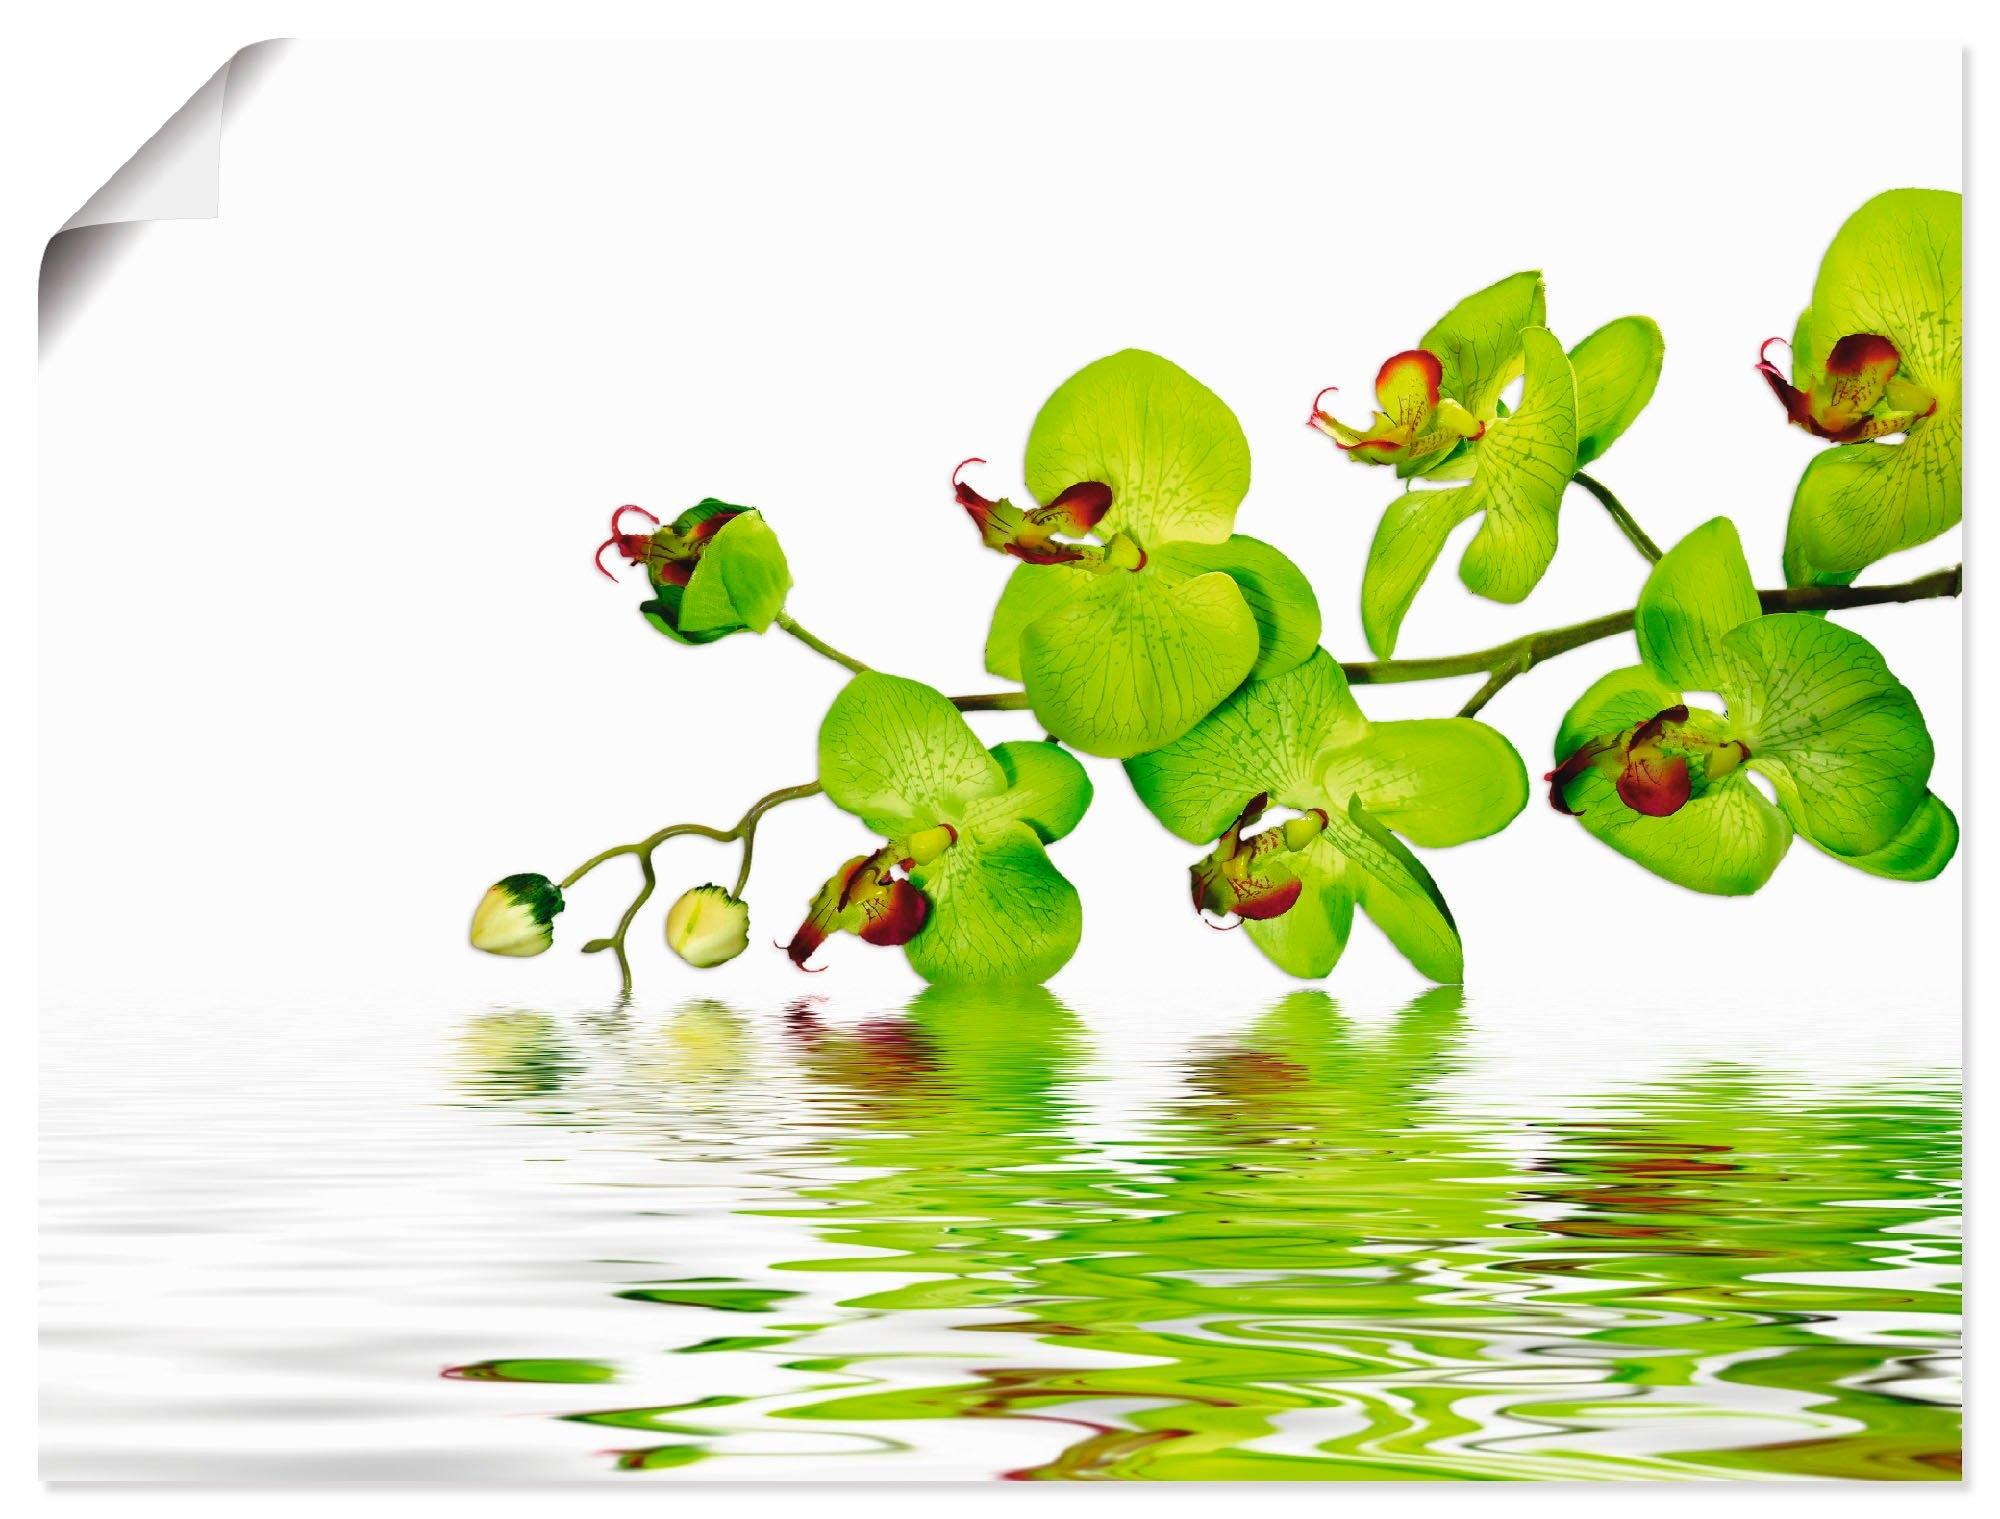 Artland Artprint Mooie orchidee met groene achtergrond in vele afmetingen & productsoorten - artprint van aluminium / artprint voor buiten, artprint op linnen, poster, muursticker / wandfolie ook geschikt voor de badkamer (1 stuk) online kopen op otto.nl